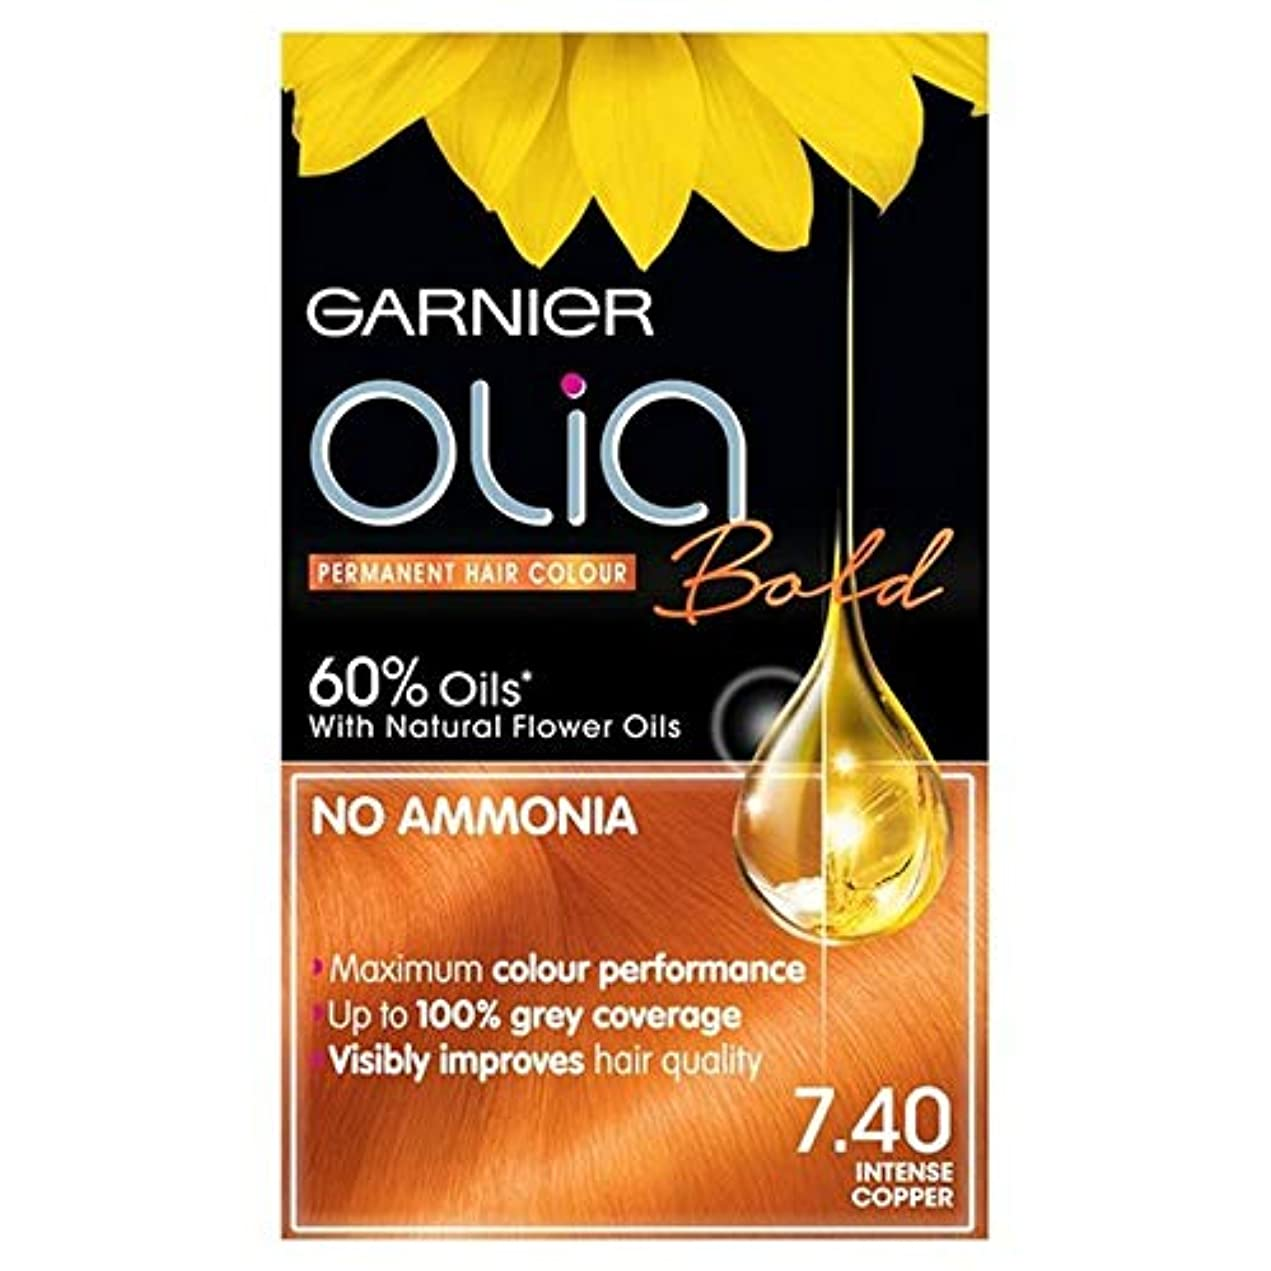 笑いパターン暗殺[Garnier ] 7.40強烈銅永久染毛剤Oliaガルニエ - Garnier Olia 7.40 Intense Copper Permanent Hair Dye [並行輸入品]